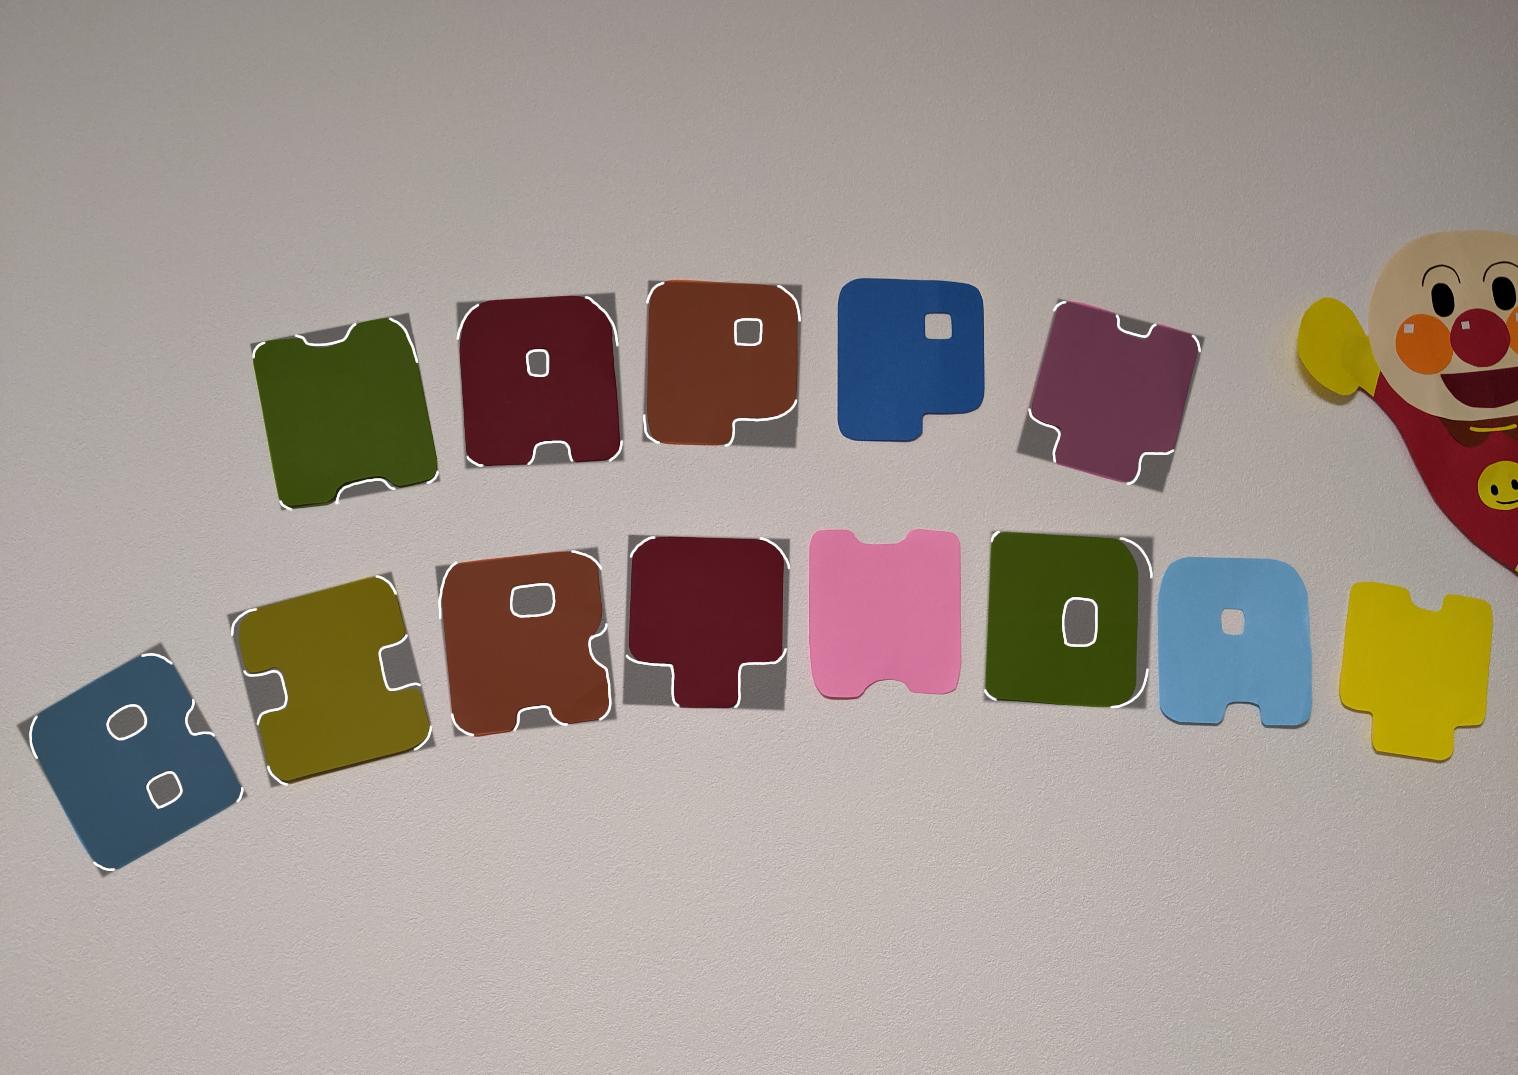 HAPPY BIRTHDAYの画用紙で切った写真